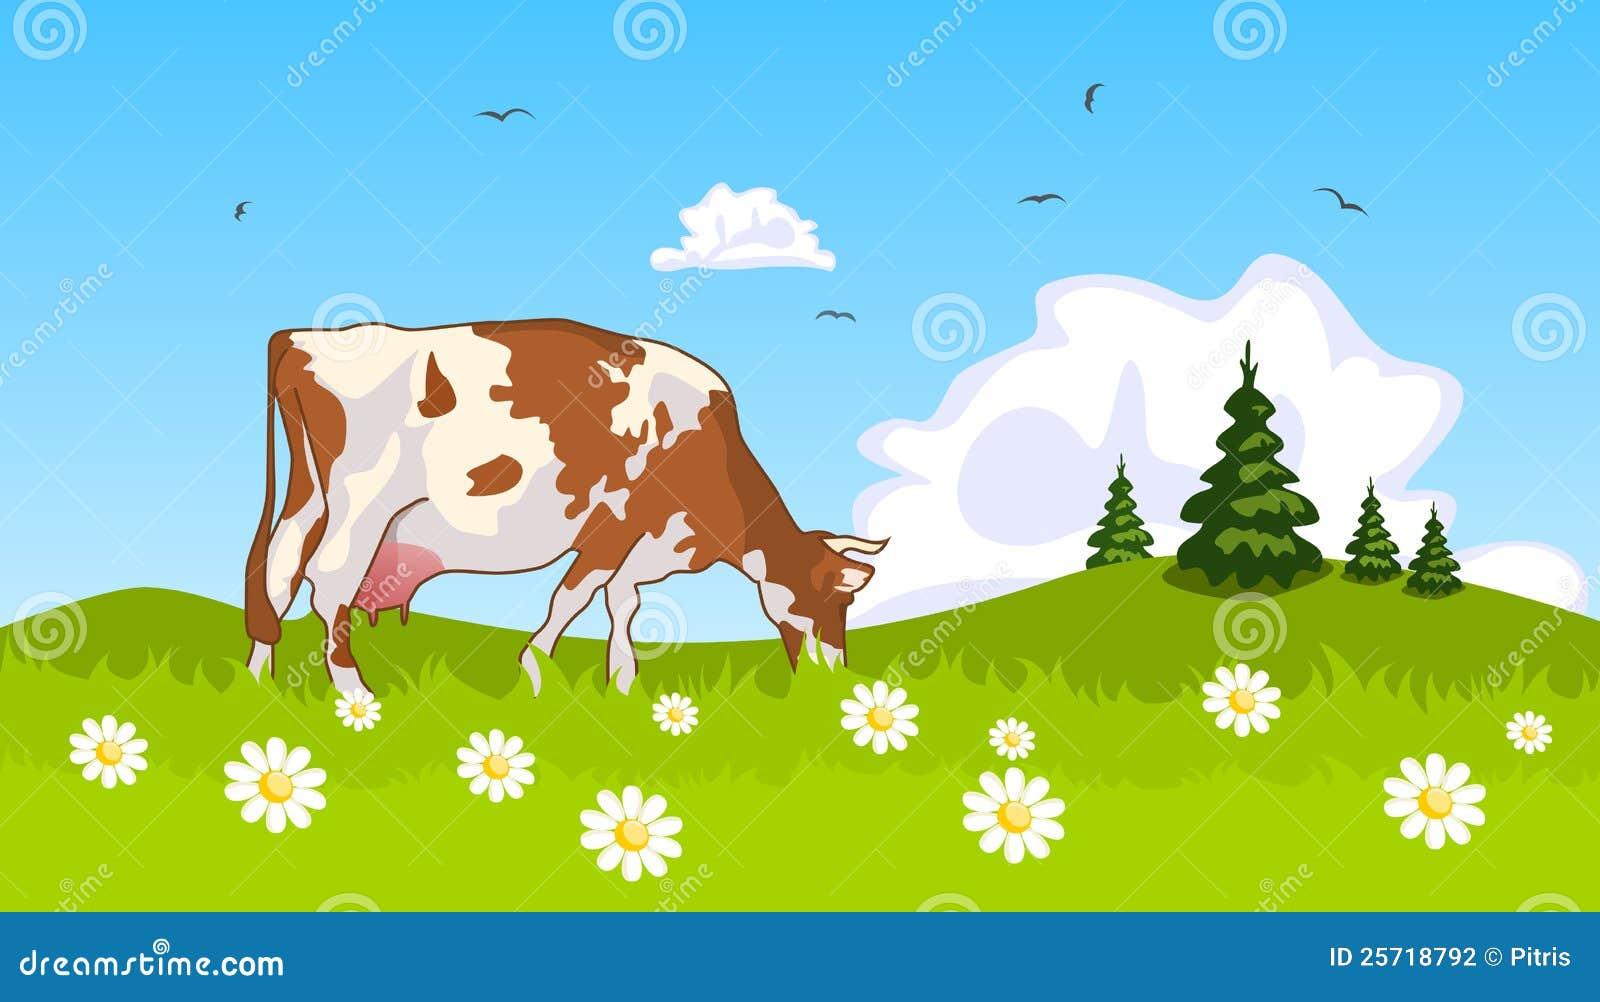 Kuh in der Wiese am Rand der Waldung